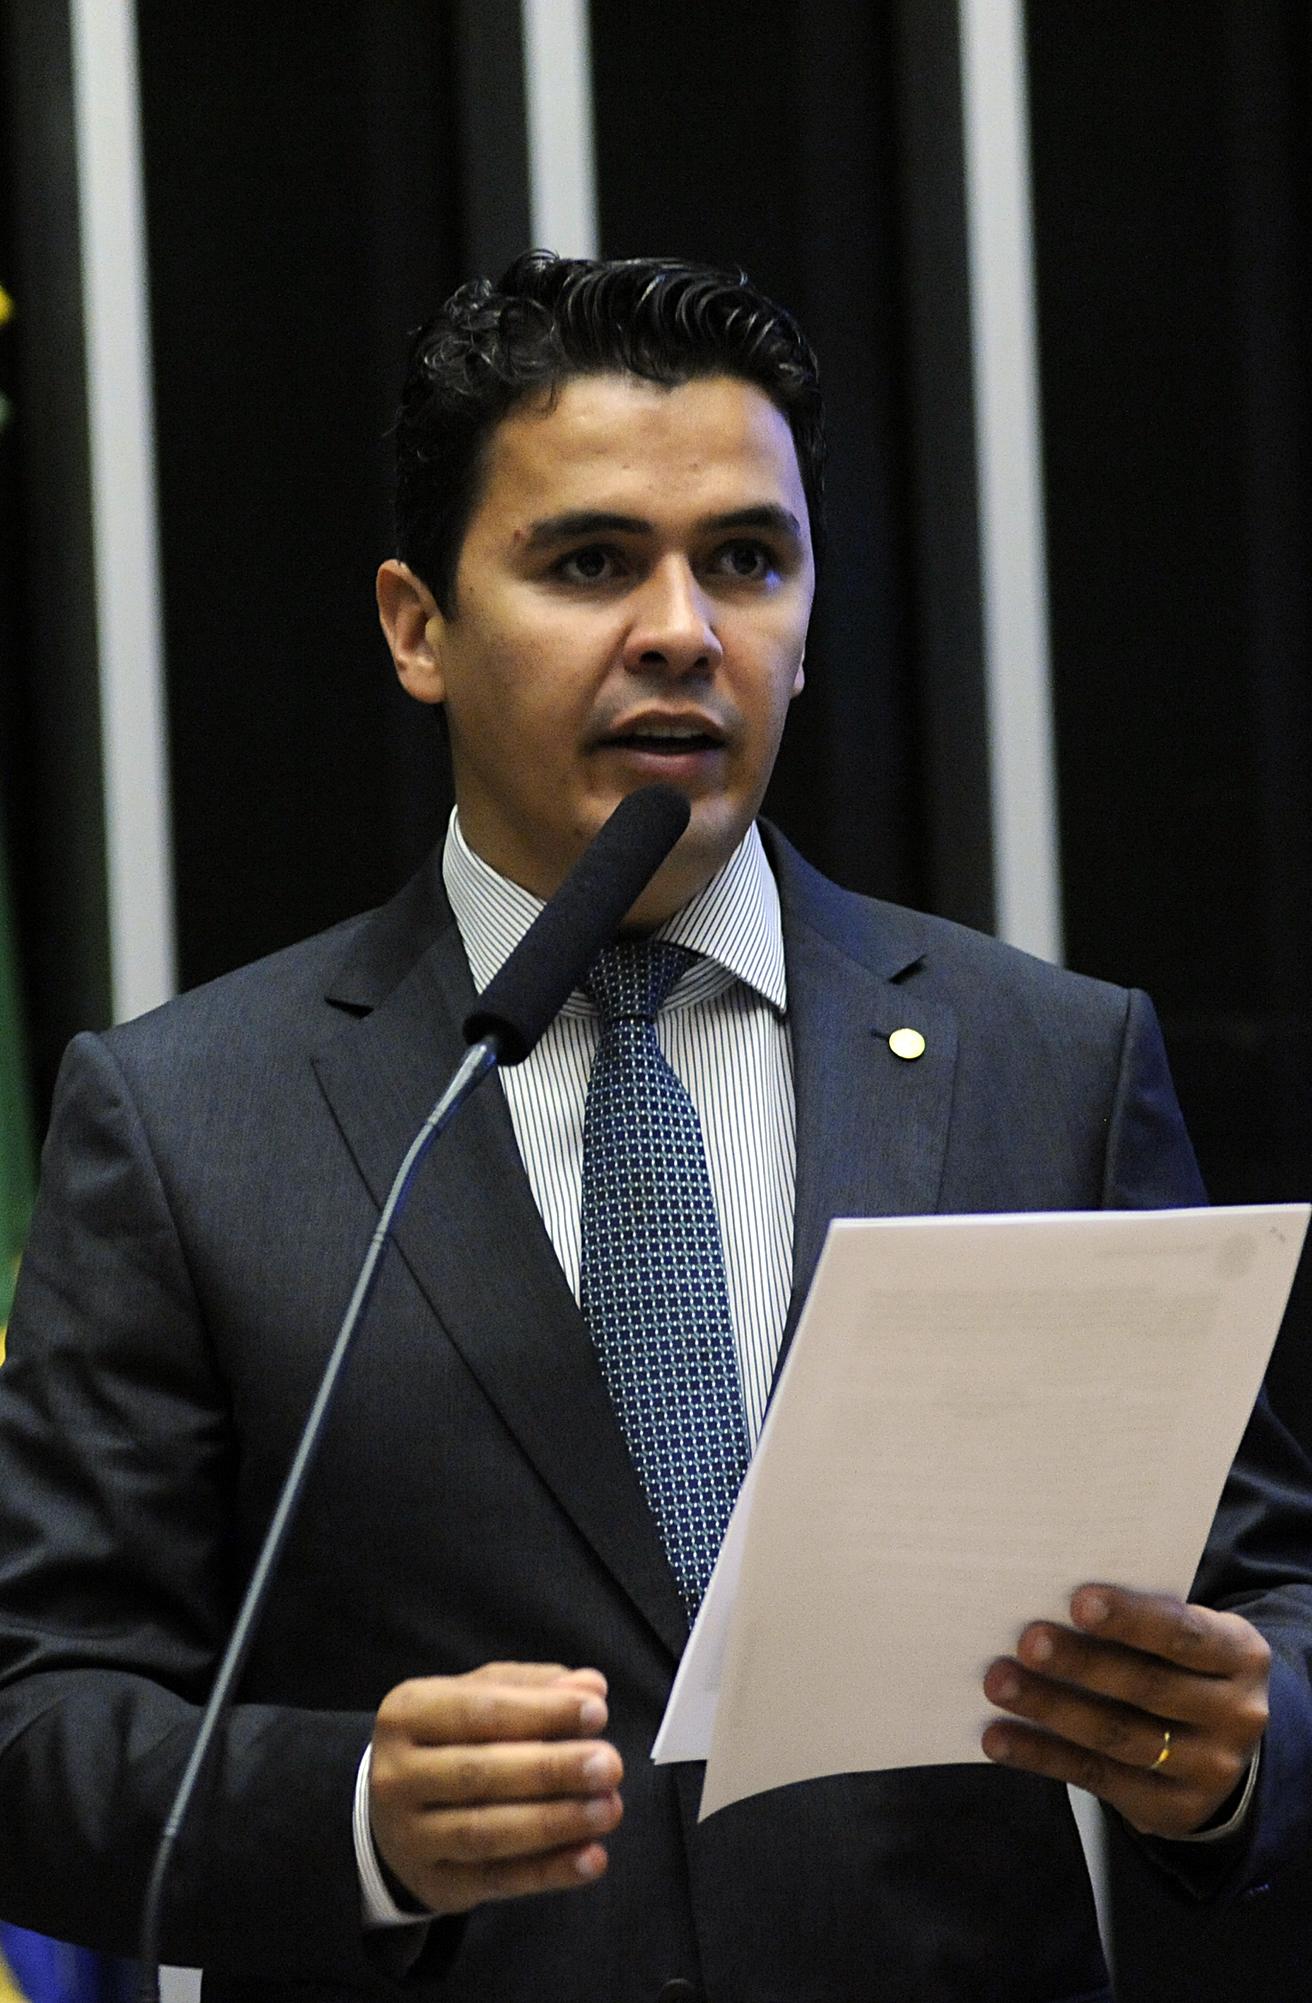 Sessão solene em homenagem ao vigésimo aniversário de fundação do Partido Humanista da Solidariedade (PHS). Dep. Diego Garcia (PHS-PR)